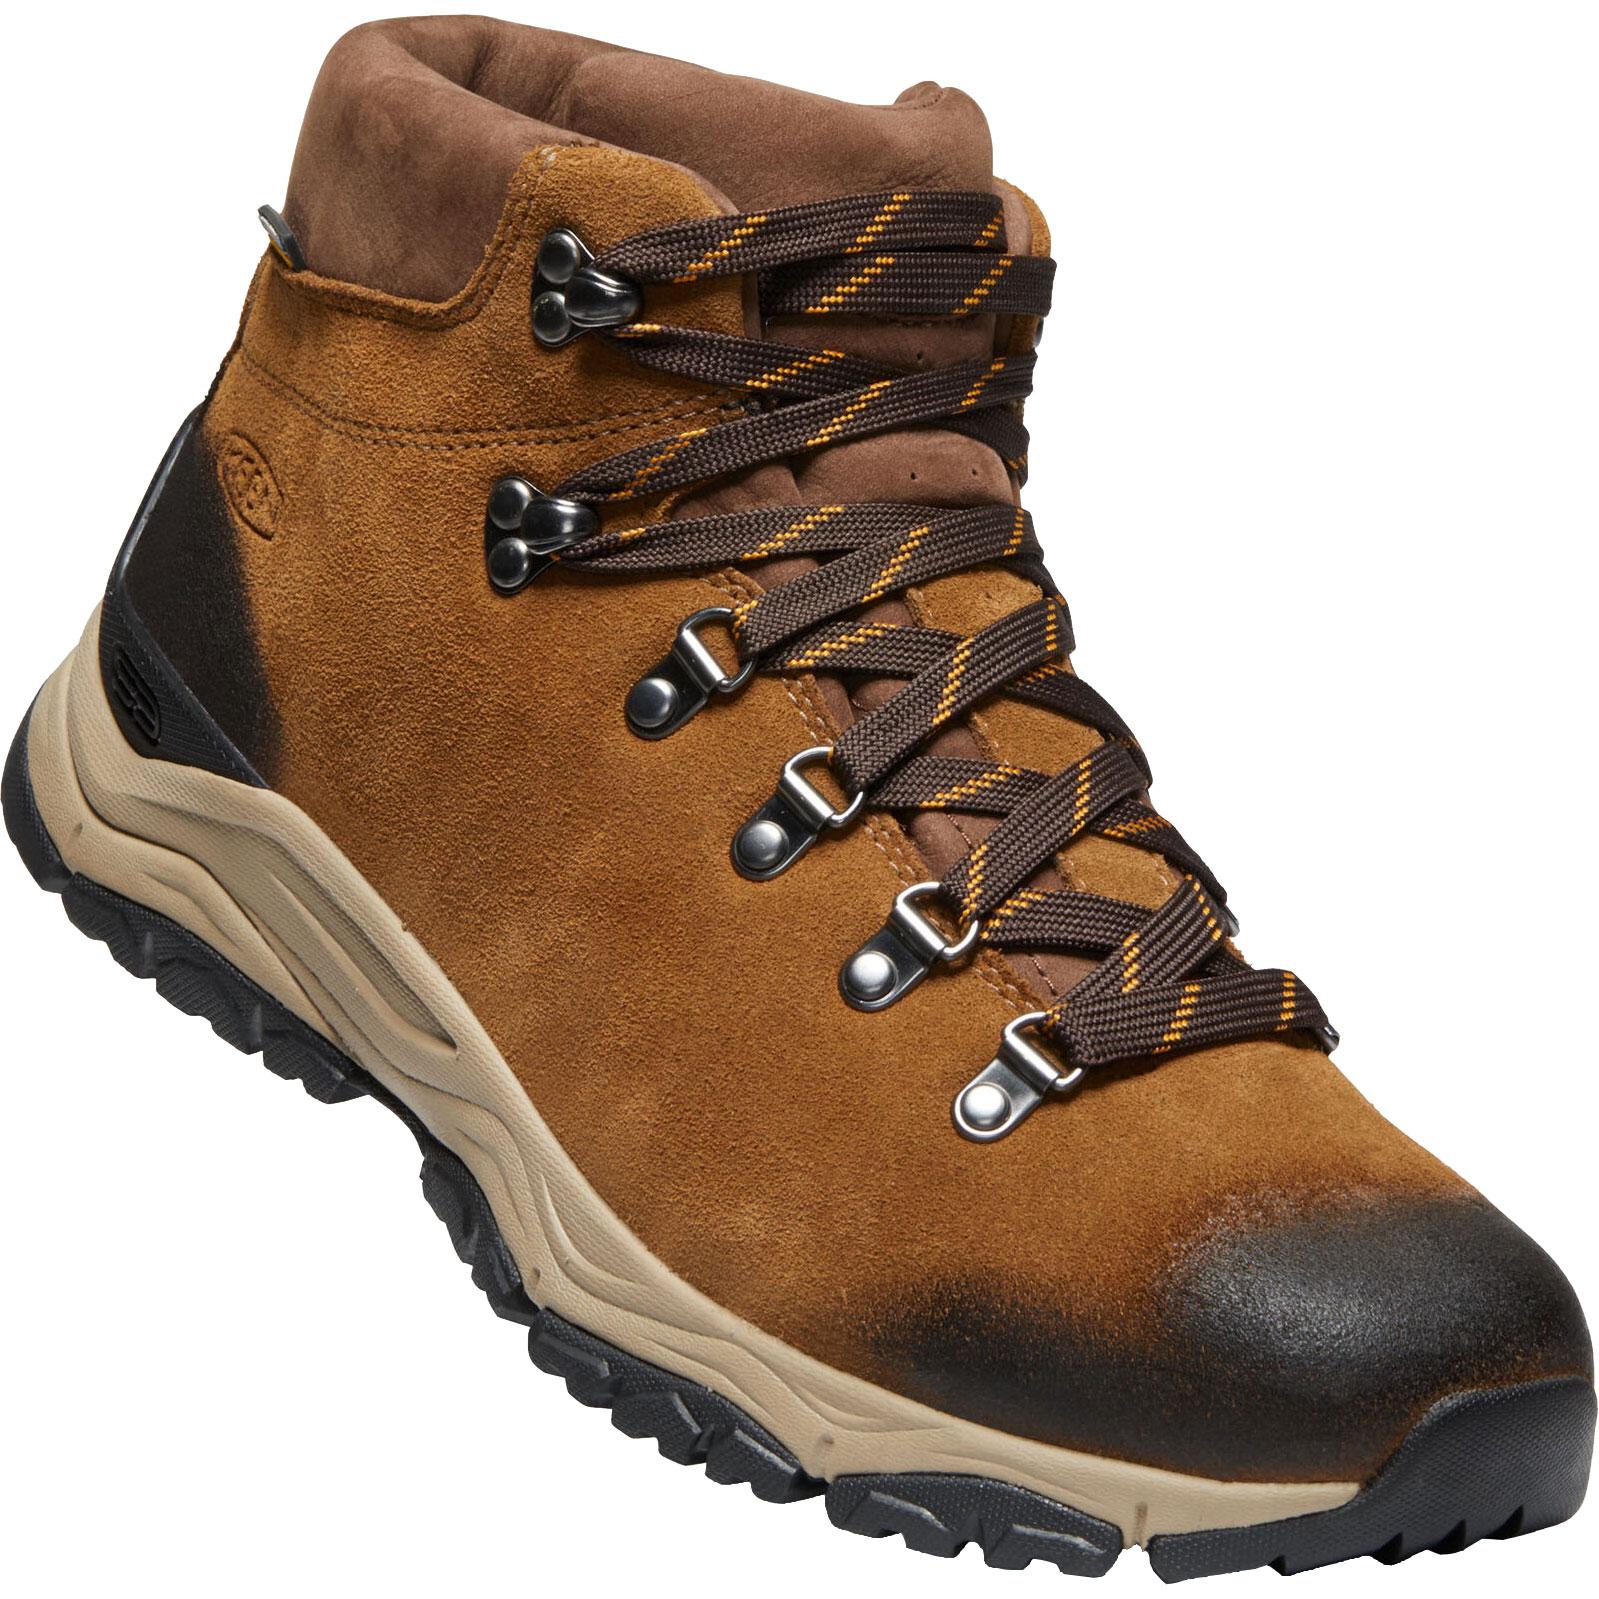 KEEN Feldberg APX Waterproof Men's Hiking Ankle Boot - Cognac